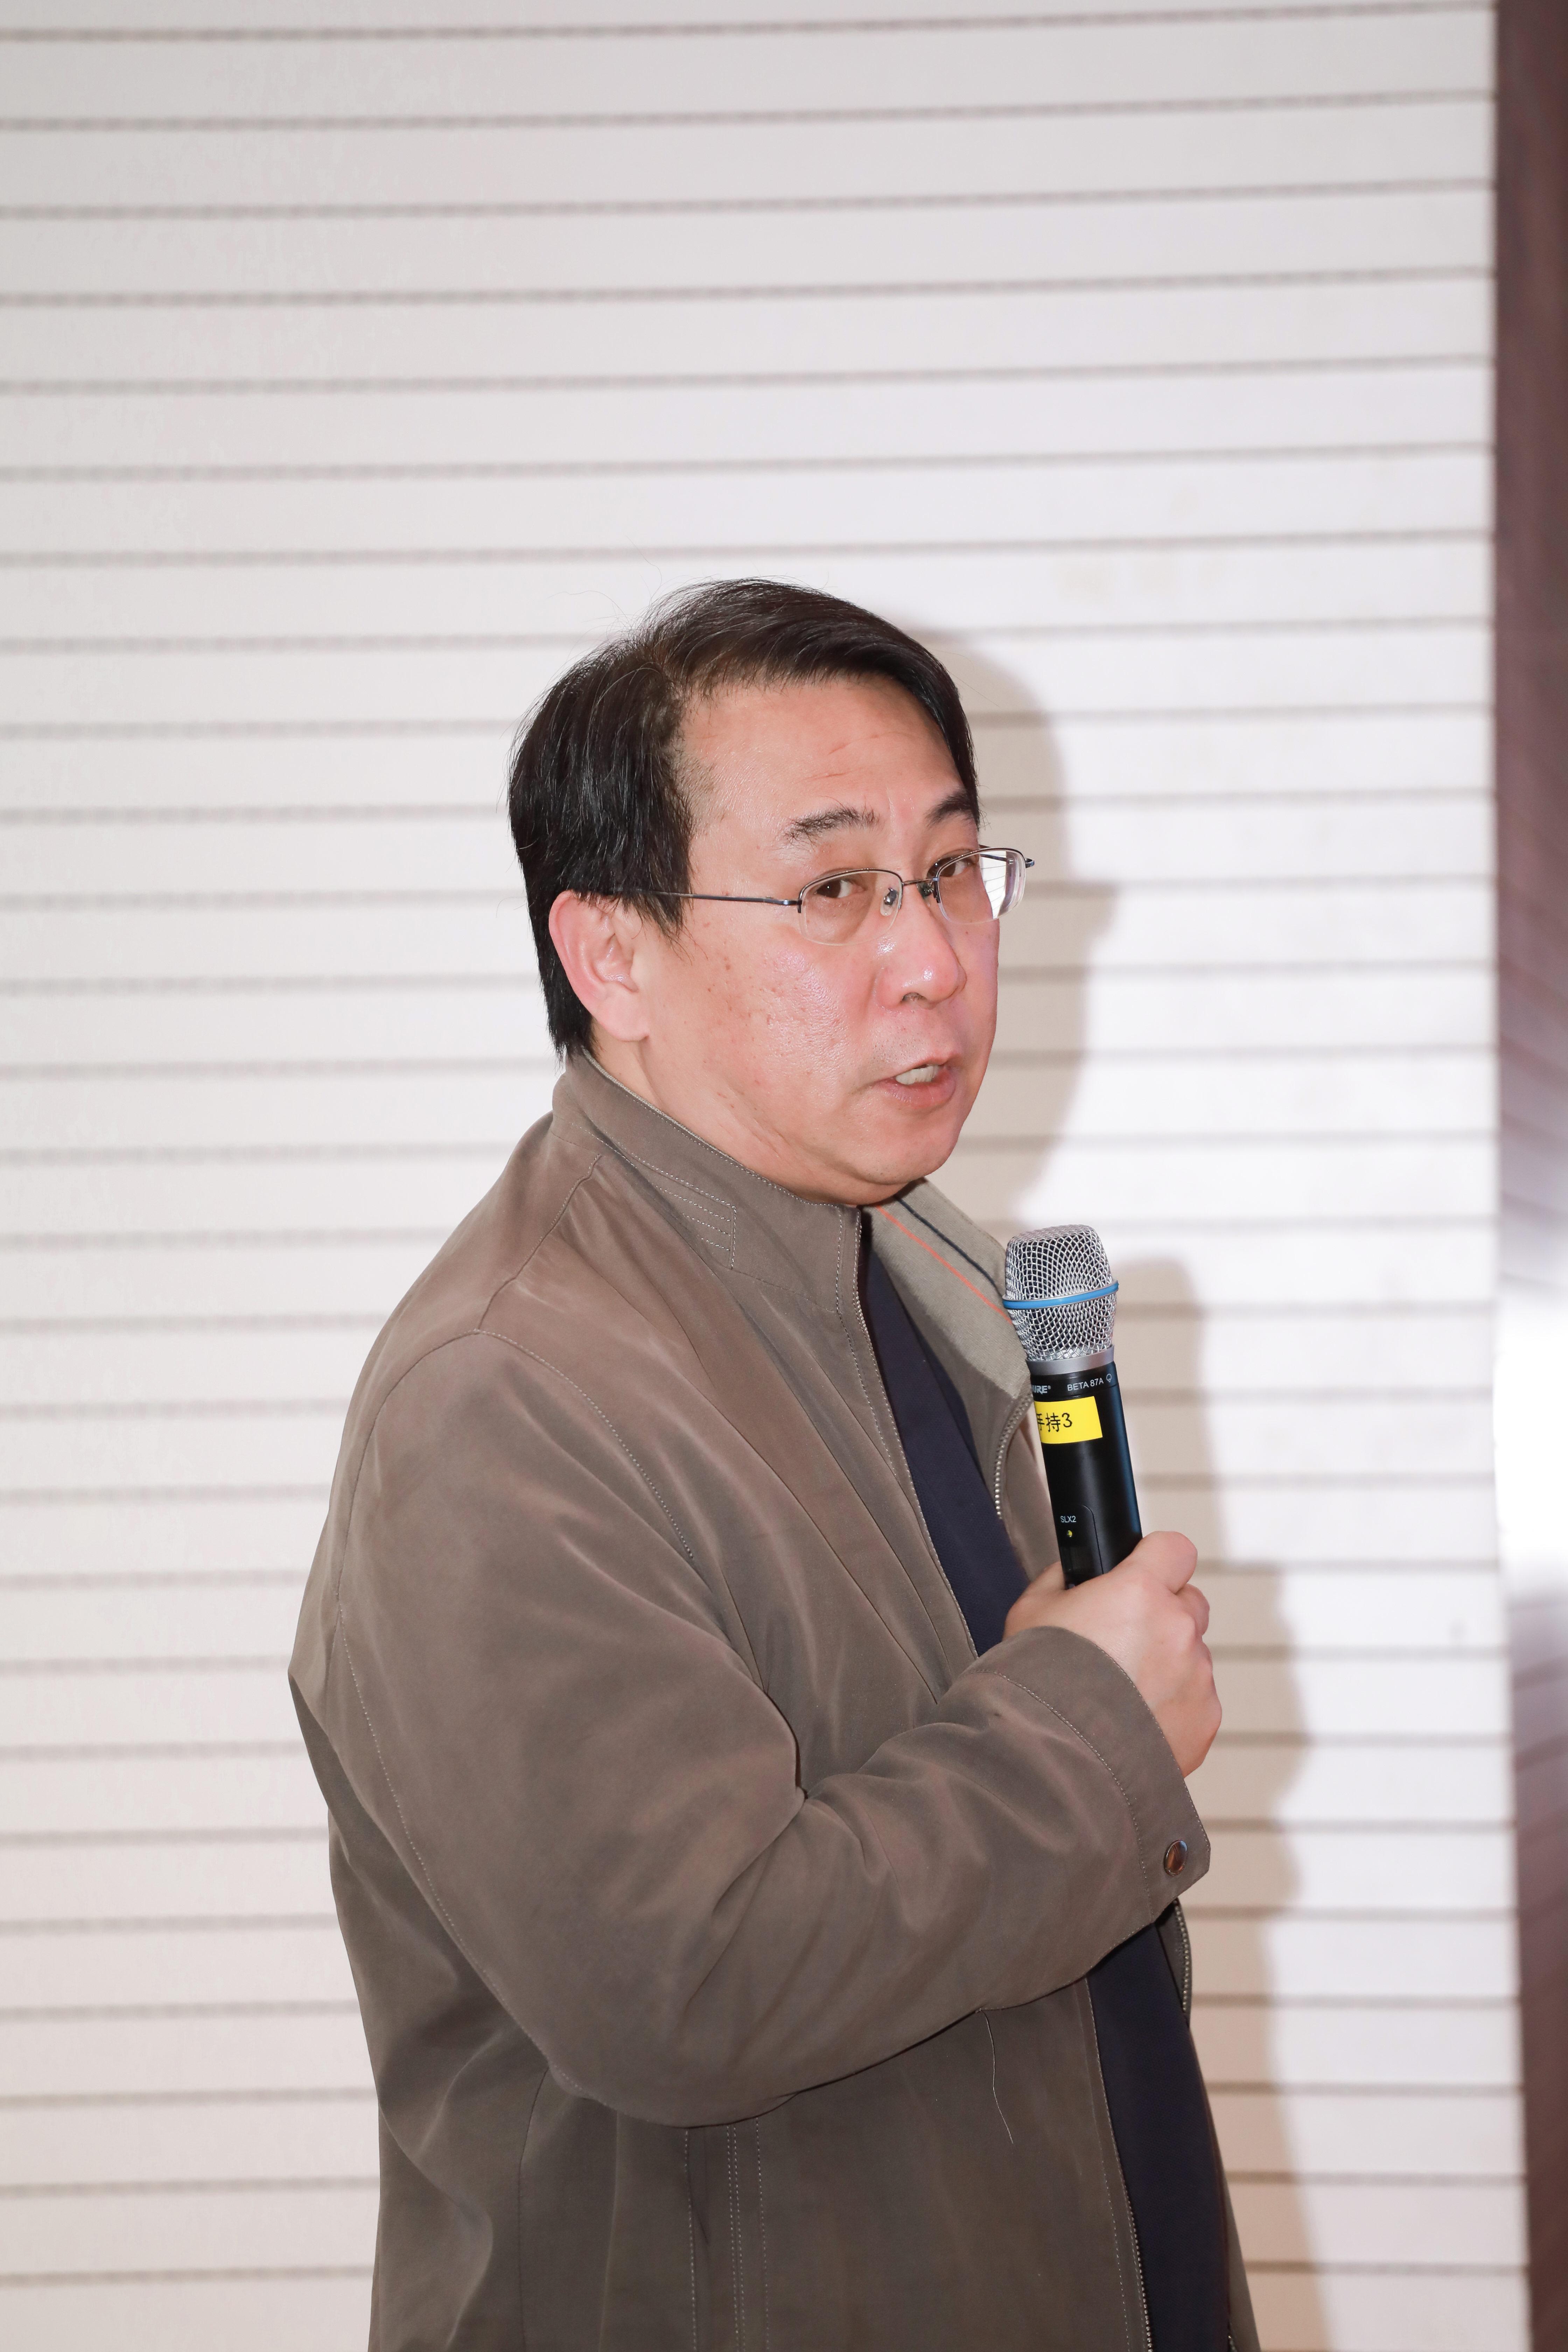 清华大学美术学院李朝阳副教授介绍参赛方案